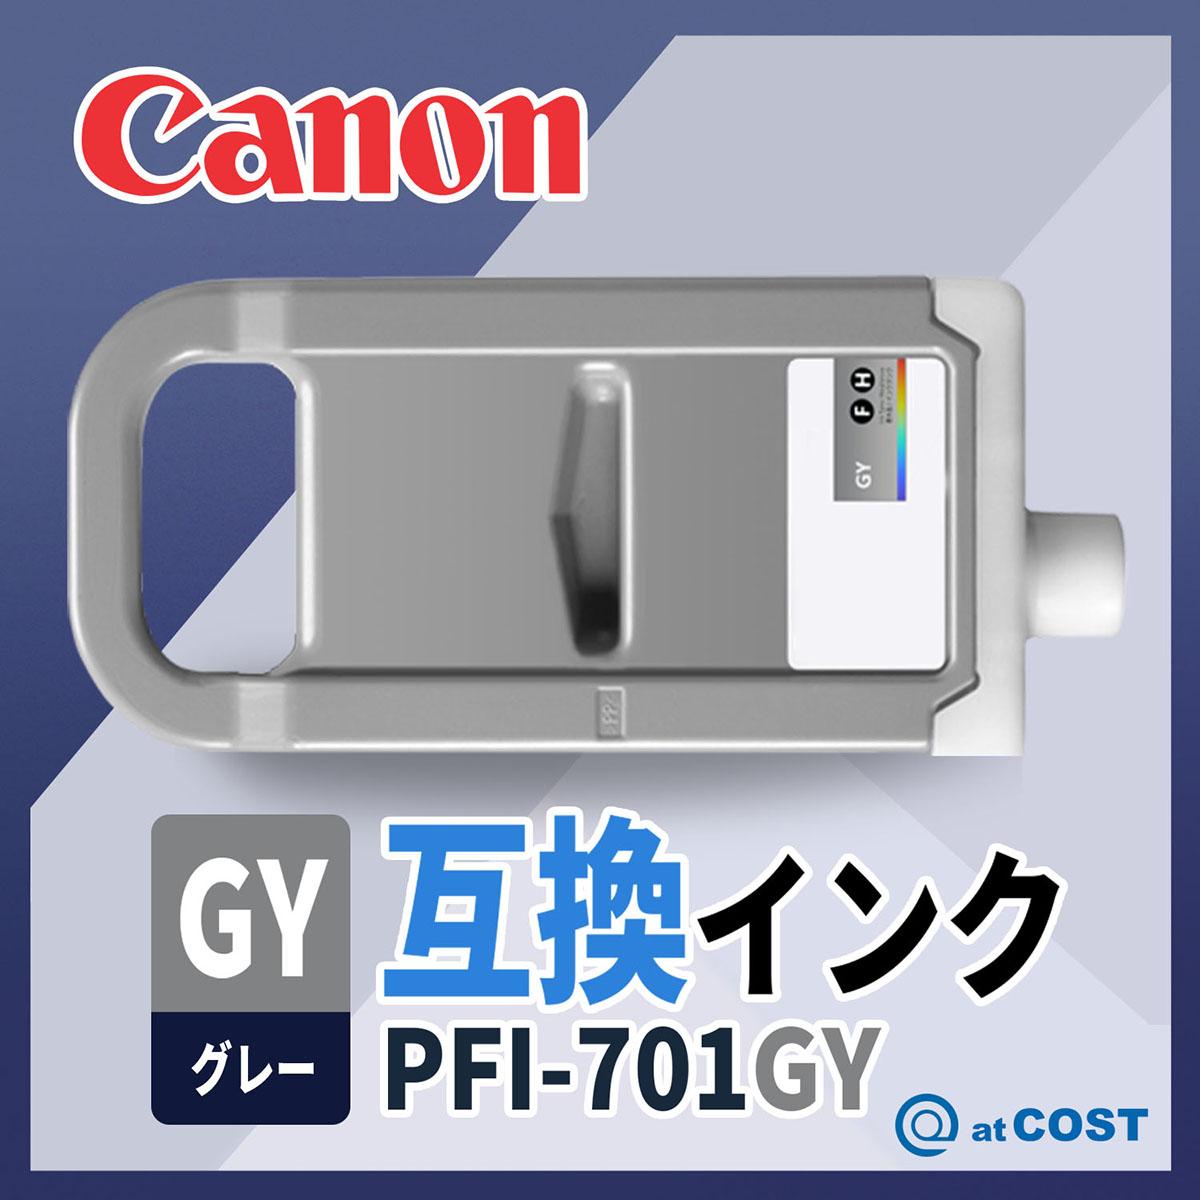 キャノン / CANON / PFI-701GY / グレー / 700ml / 互換インク / インクタンク / インクカートリッジ / 低価格